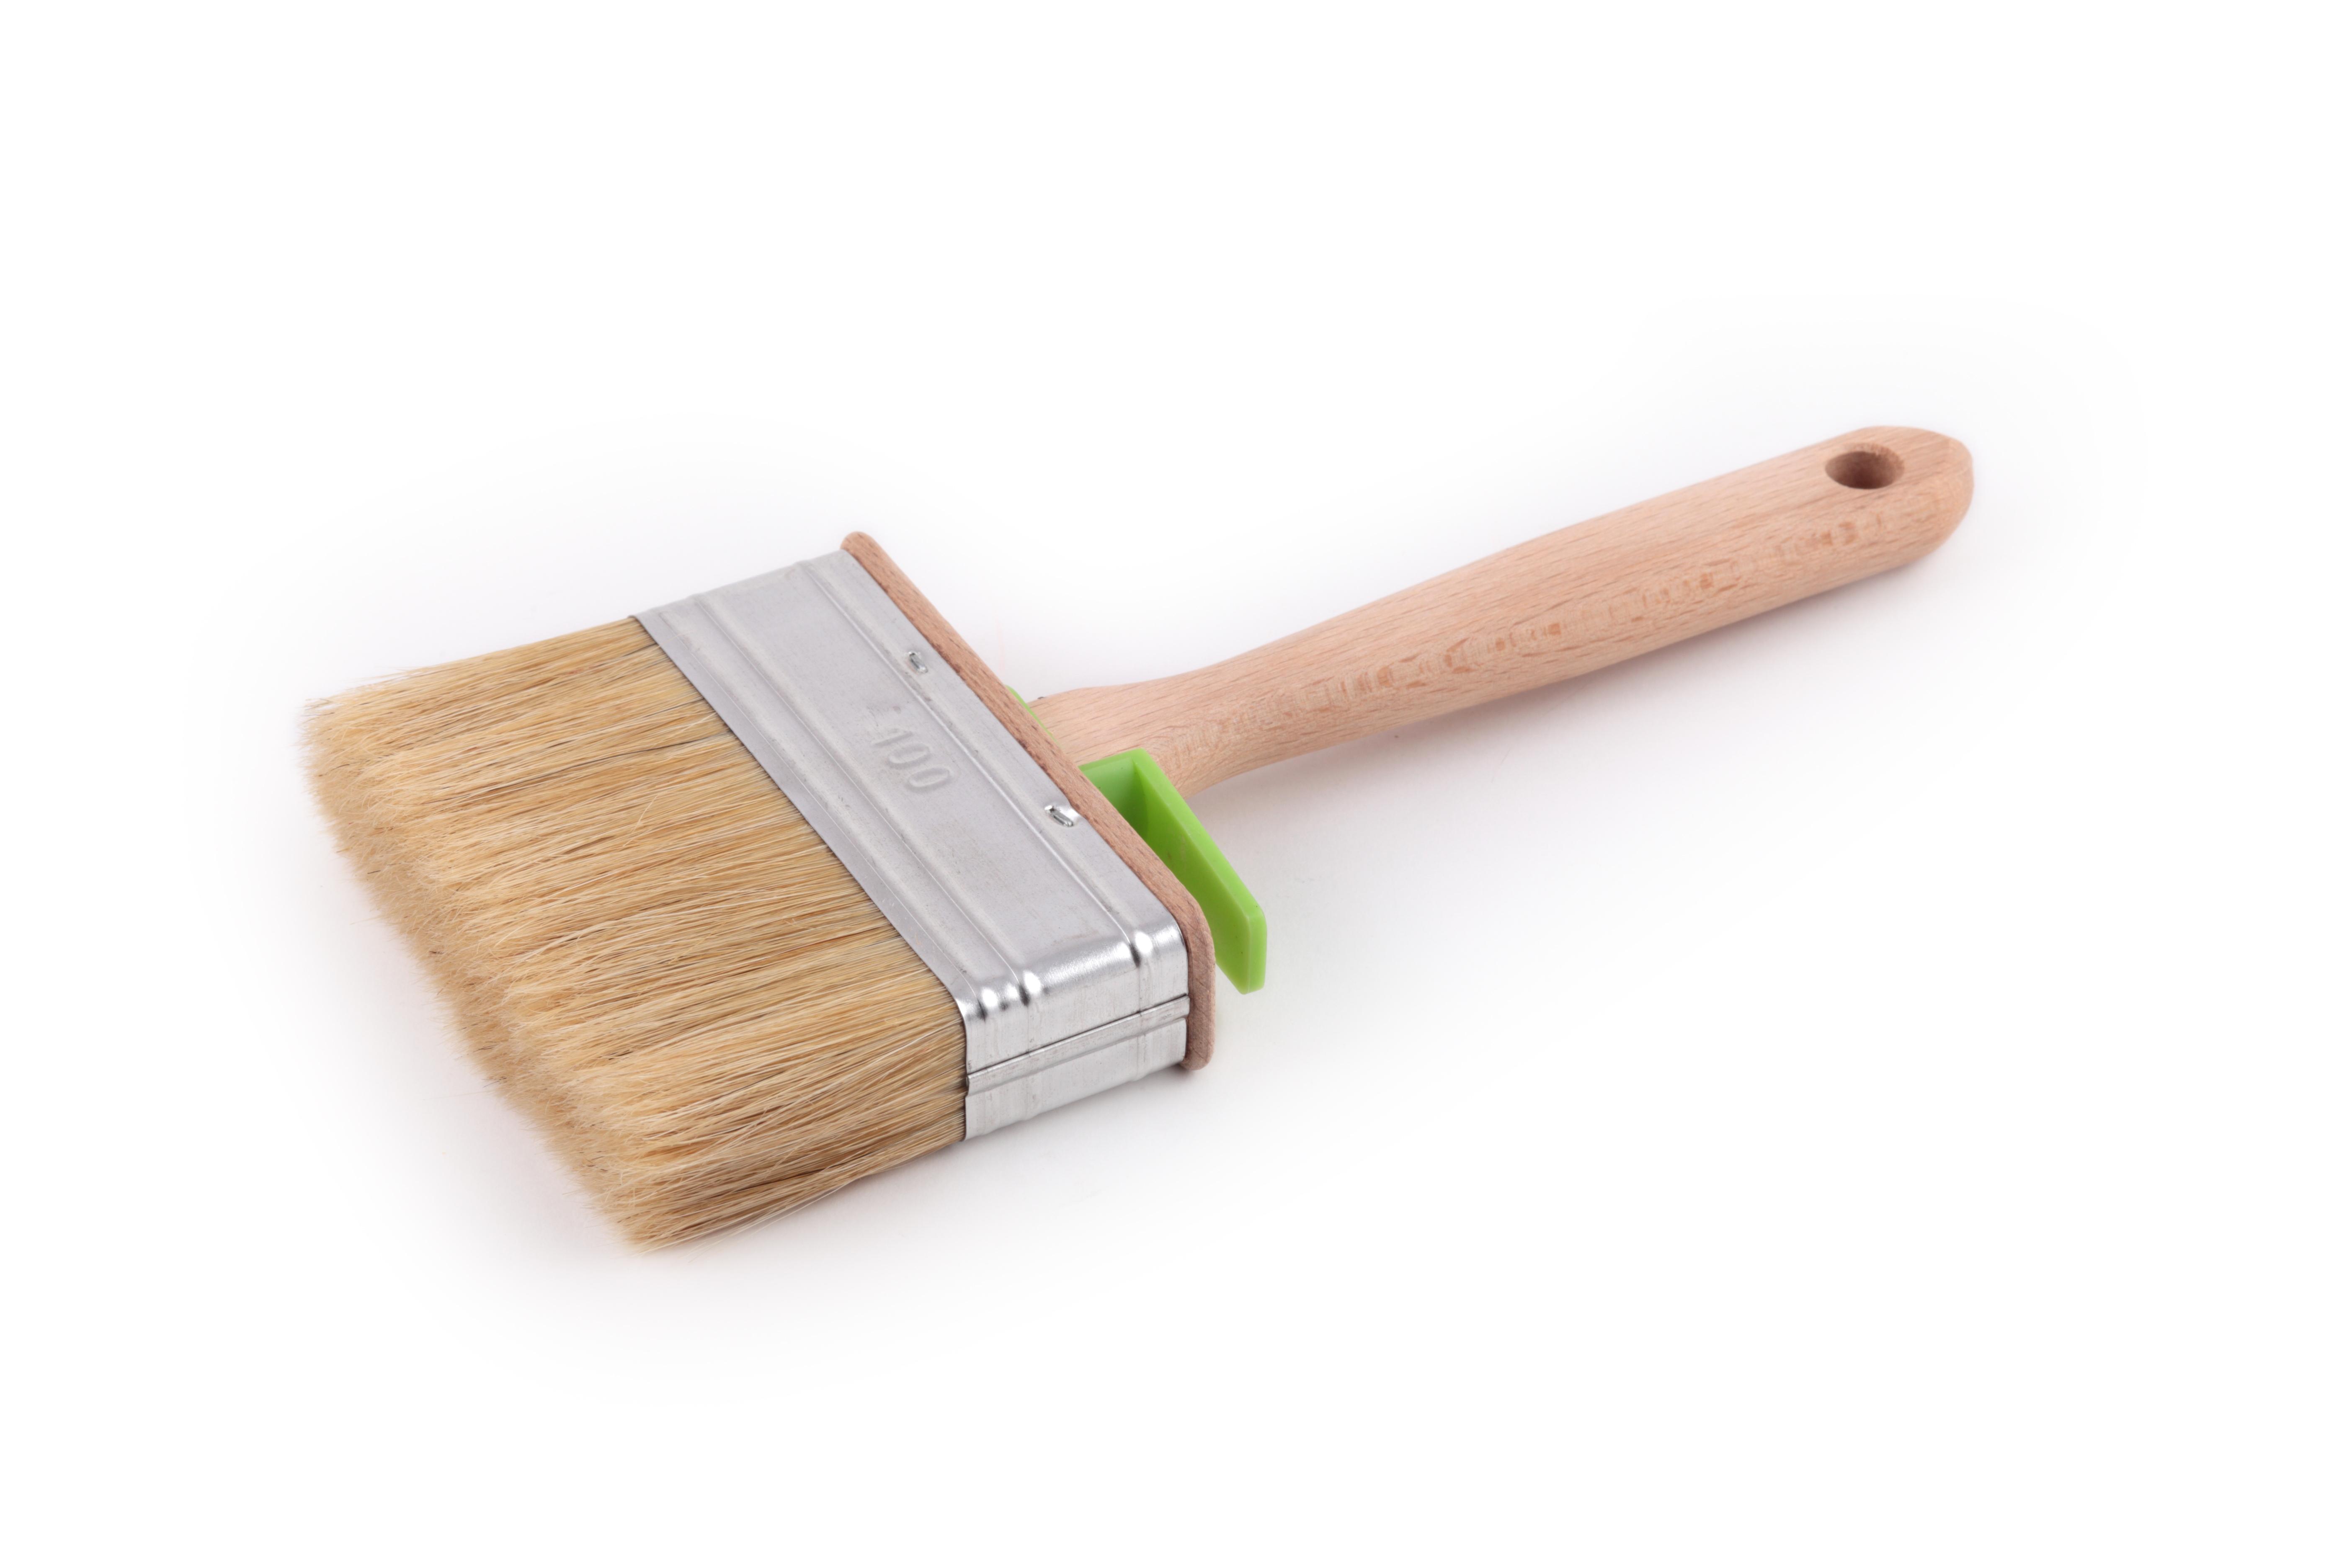 Кисть флейцевая ЛАЗУРНЫЙ БЕРЕГ 221070 кисть плоская 50 мм искусственная щетина orel деревянная ручка лазурный берег профи